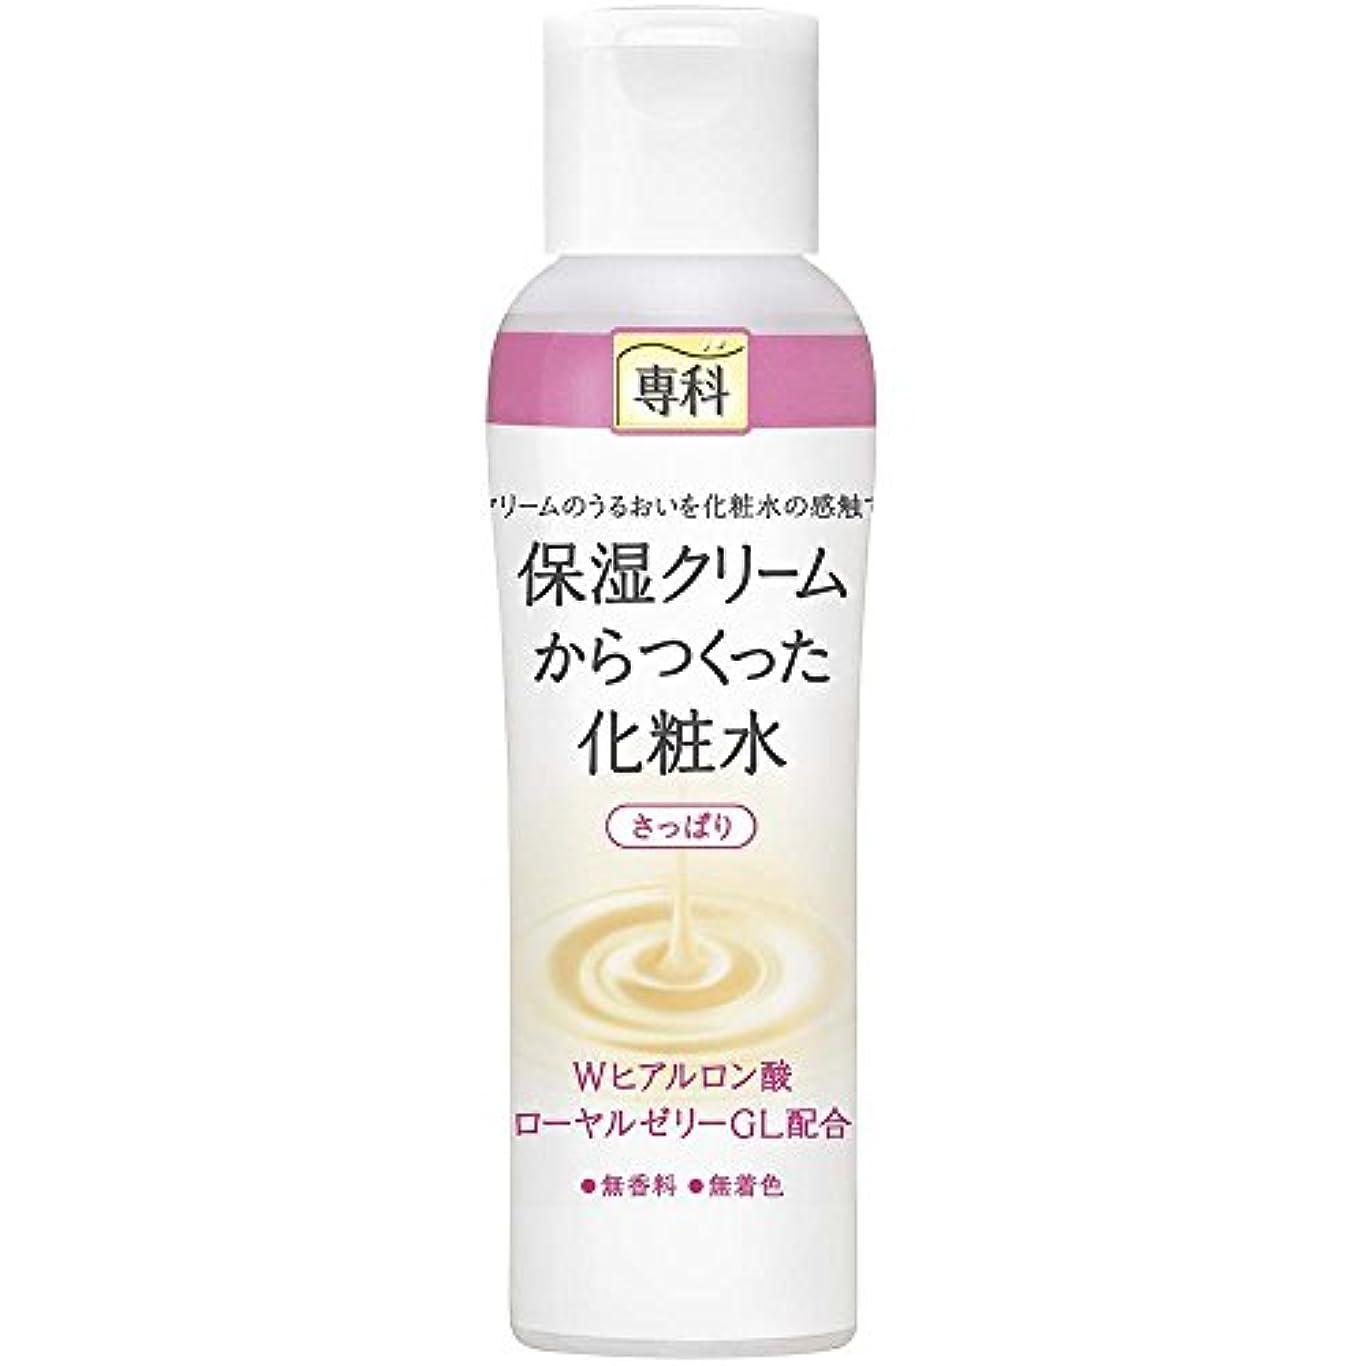 ペイント整然とした減少専科 保湿クリームからつくった化粧水(さっぱり) 200ml